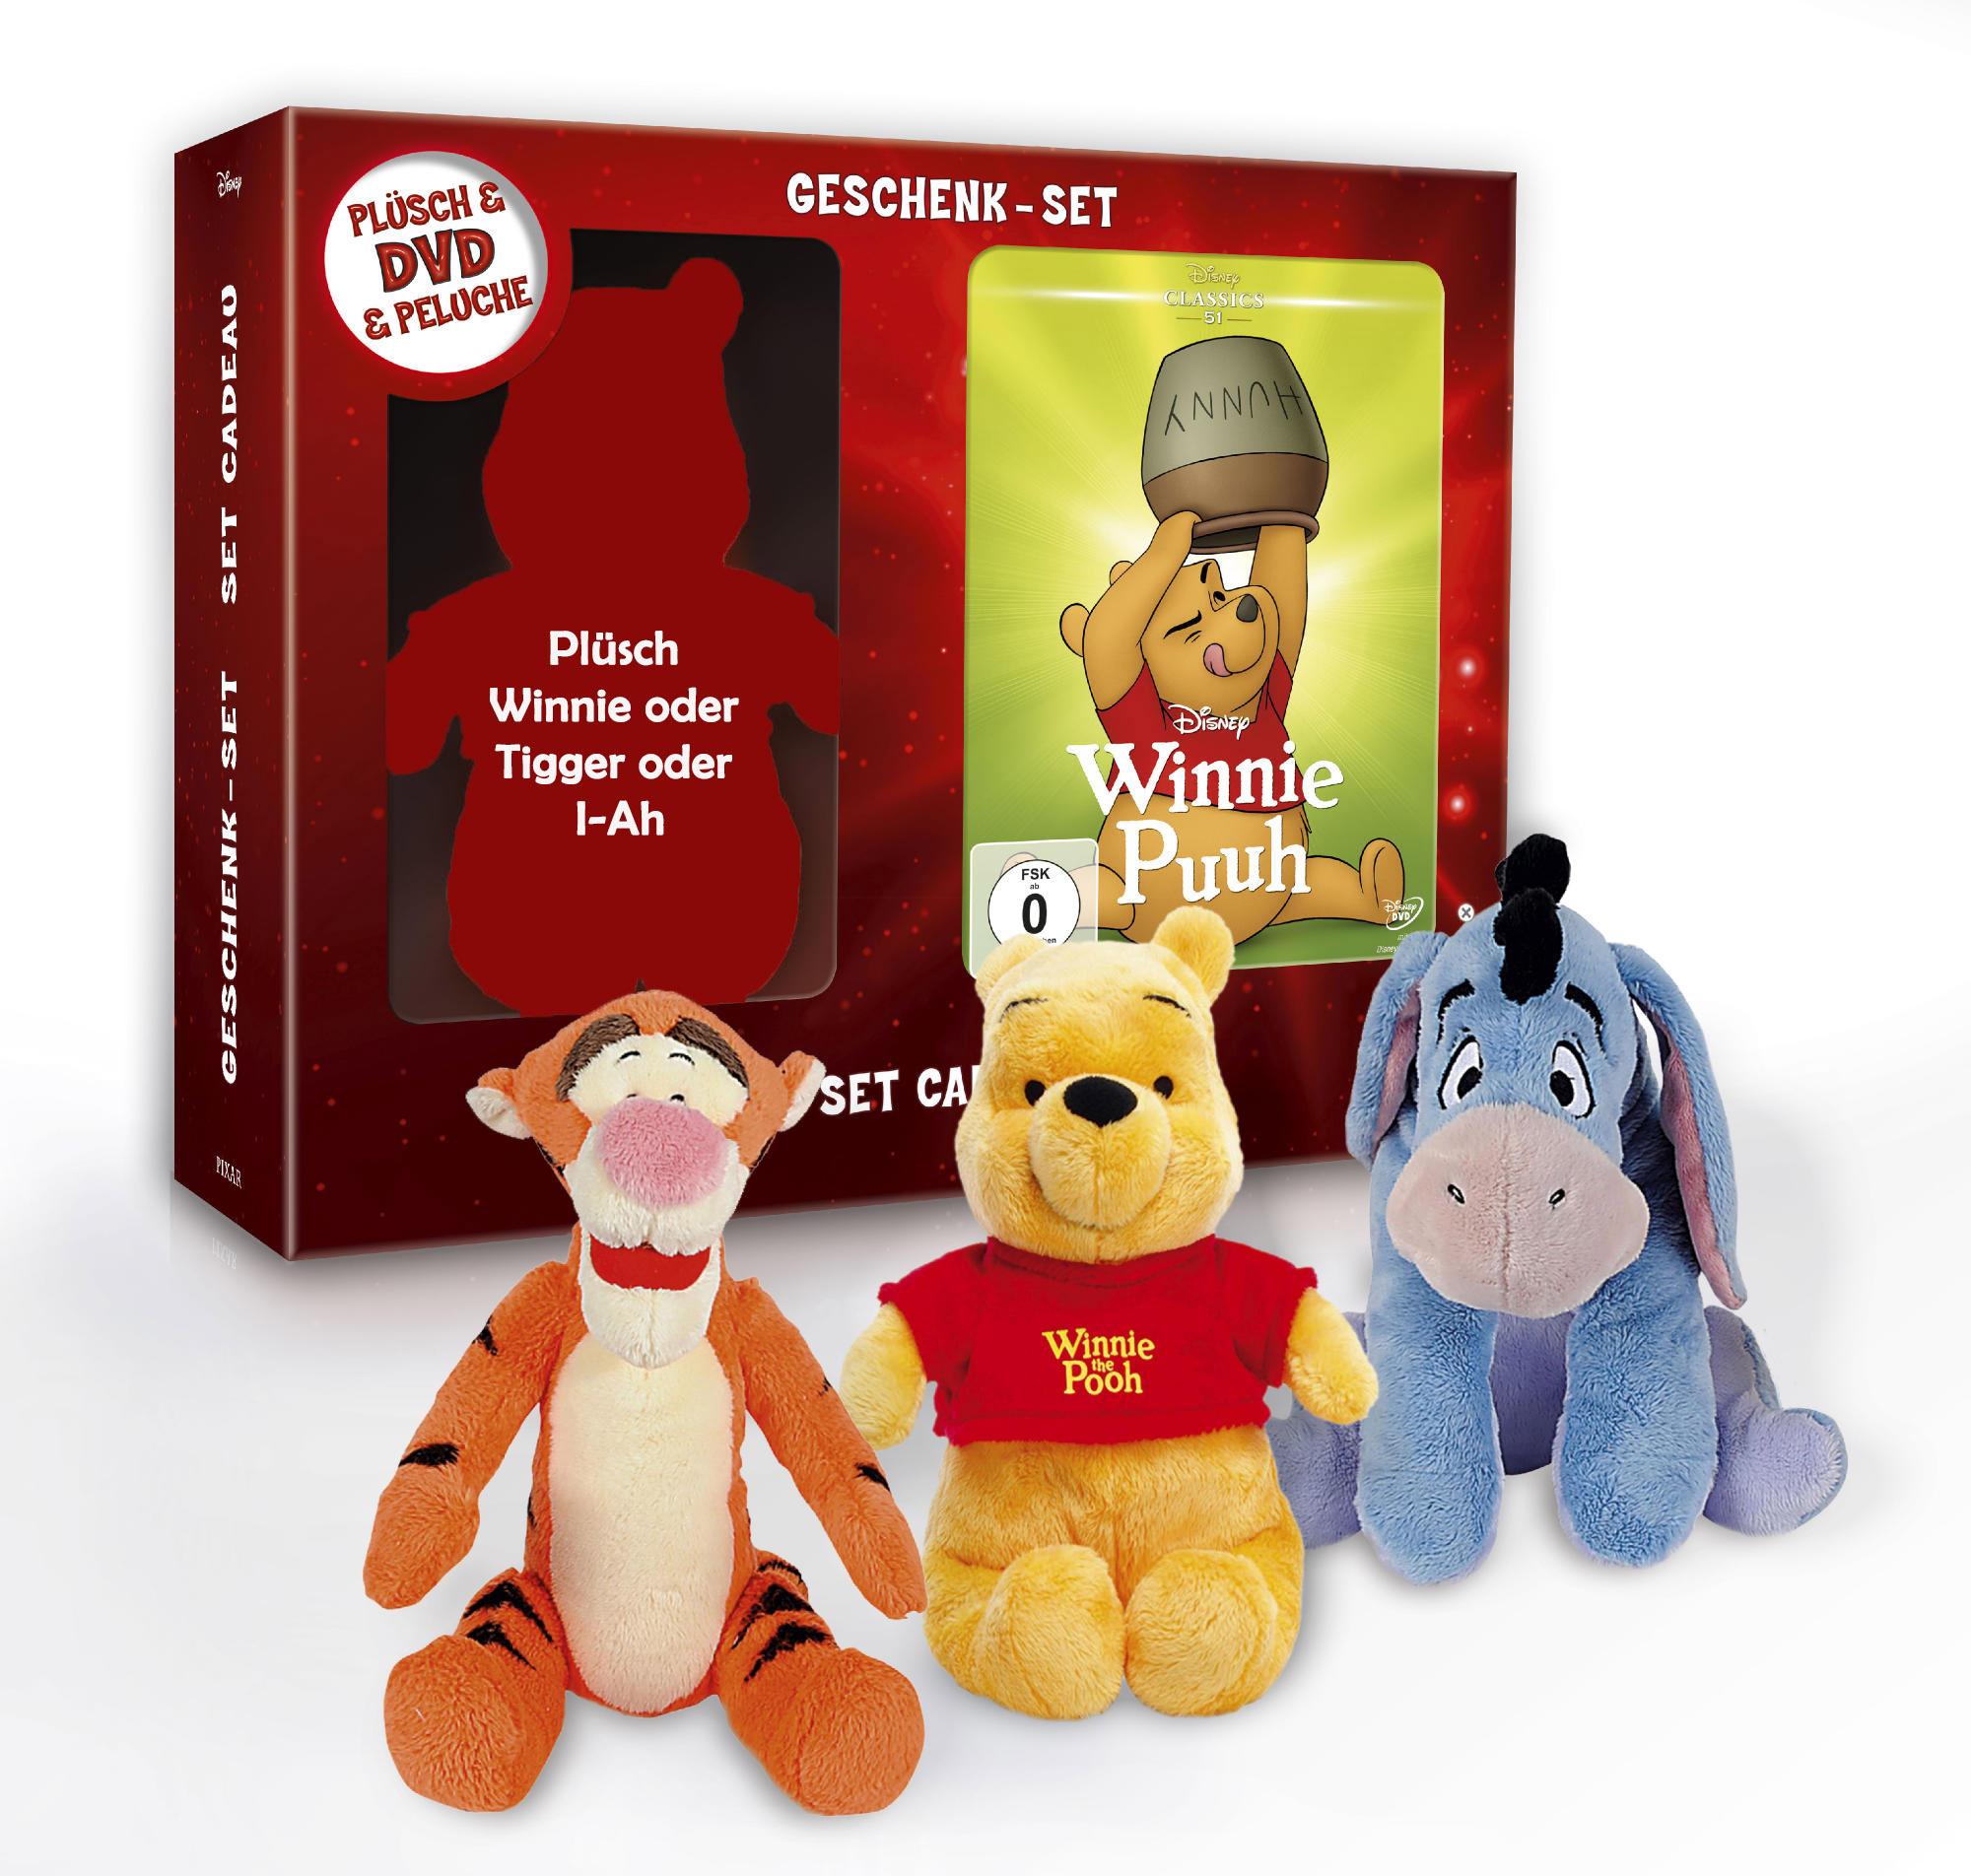 Geschenkpacks: 1 DVD + 1 Plüsch